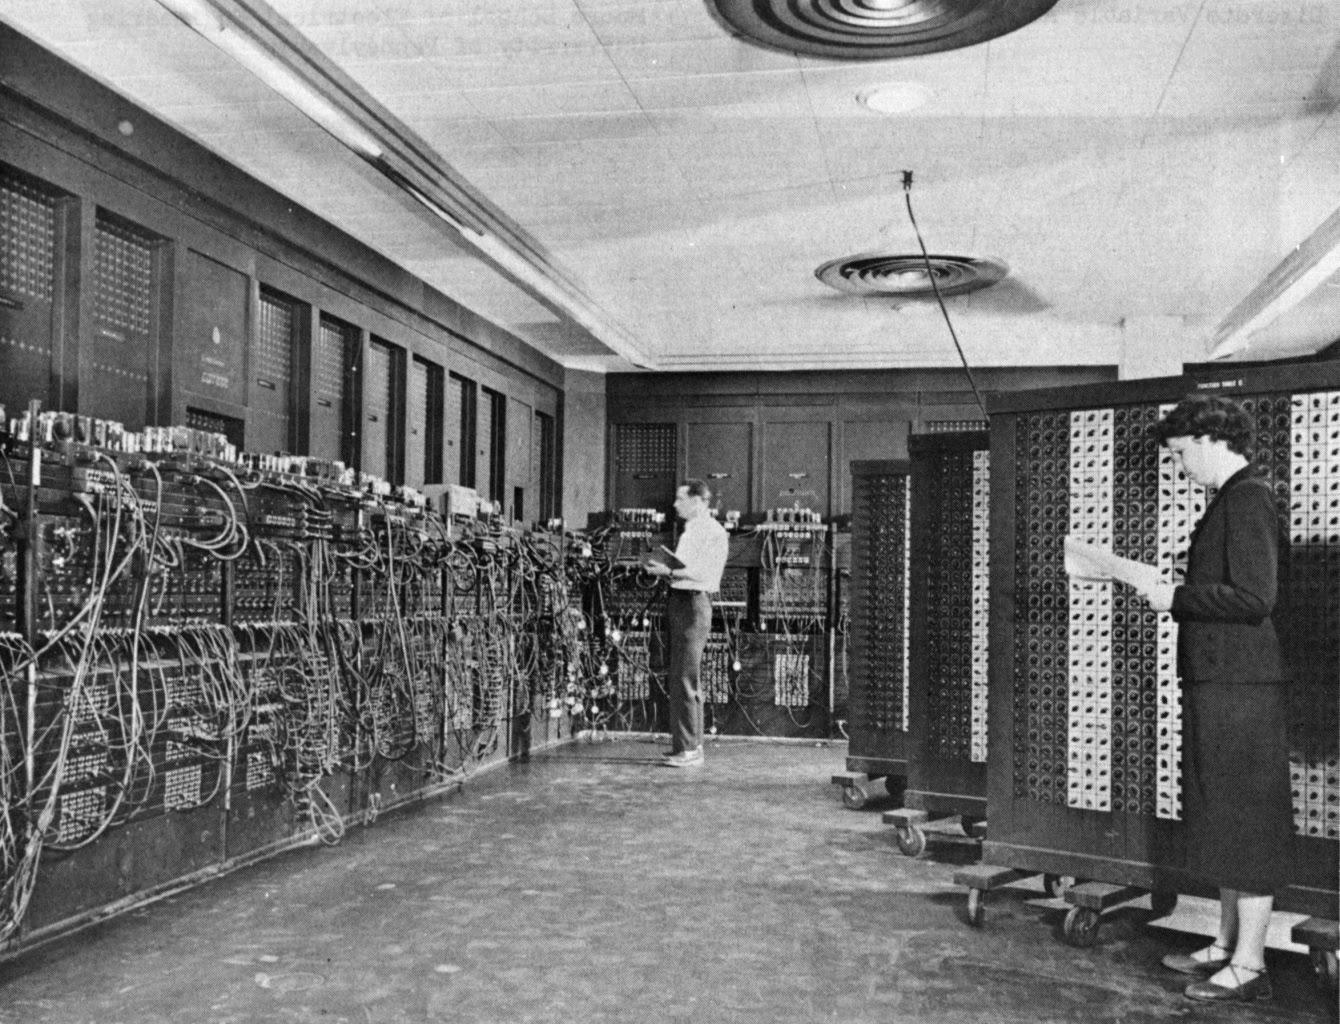 تعرف على أقدم حاسب في تاريخ البشرية  || أول كمبيوتر مركزي